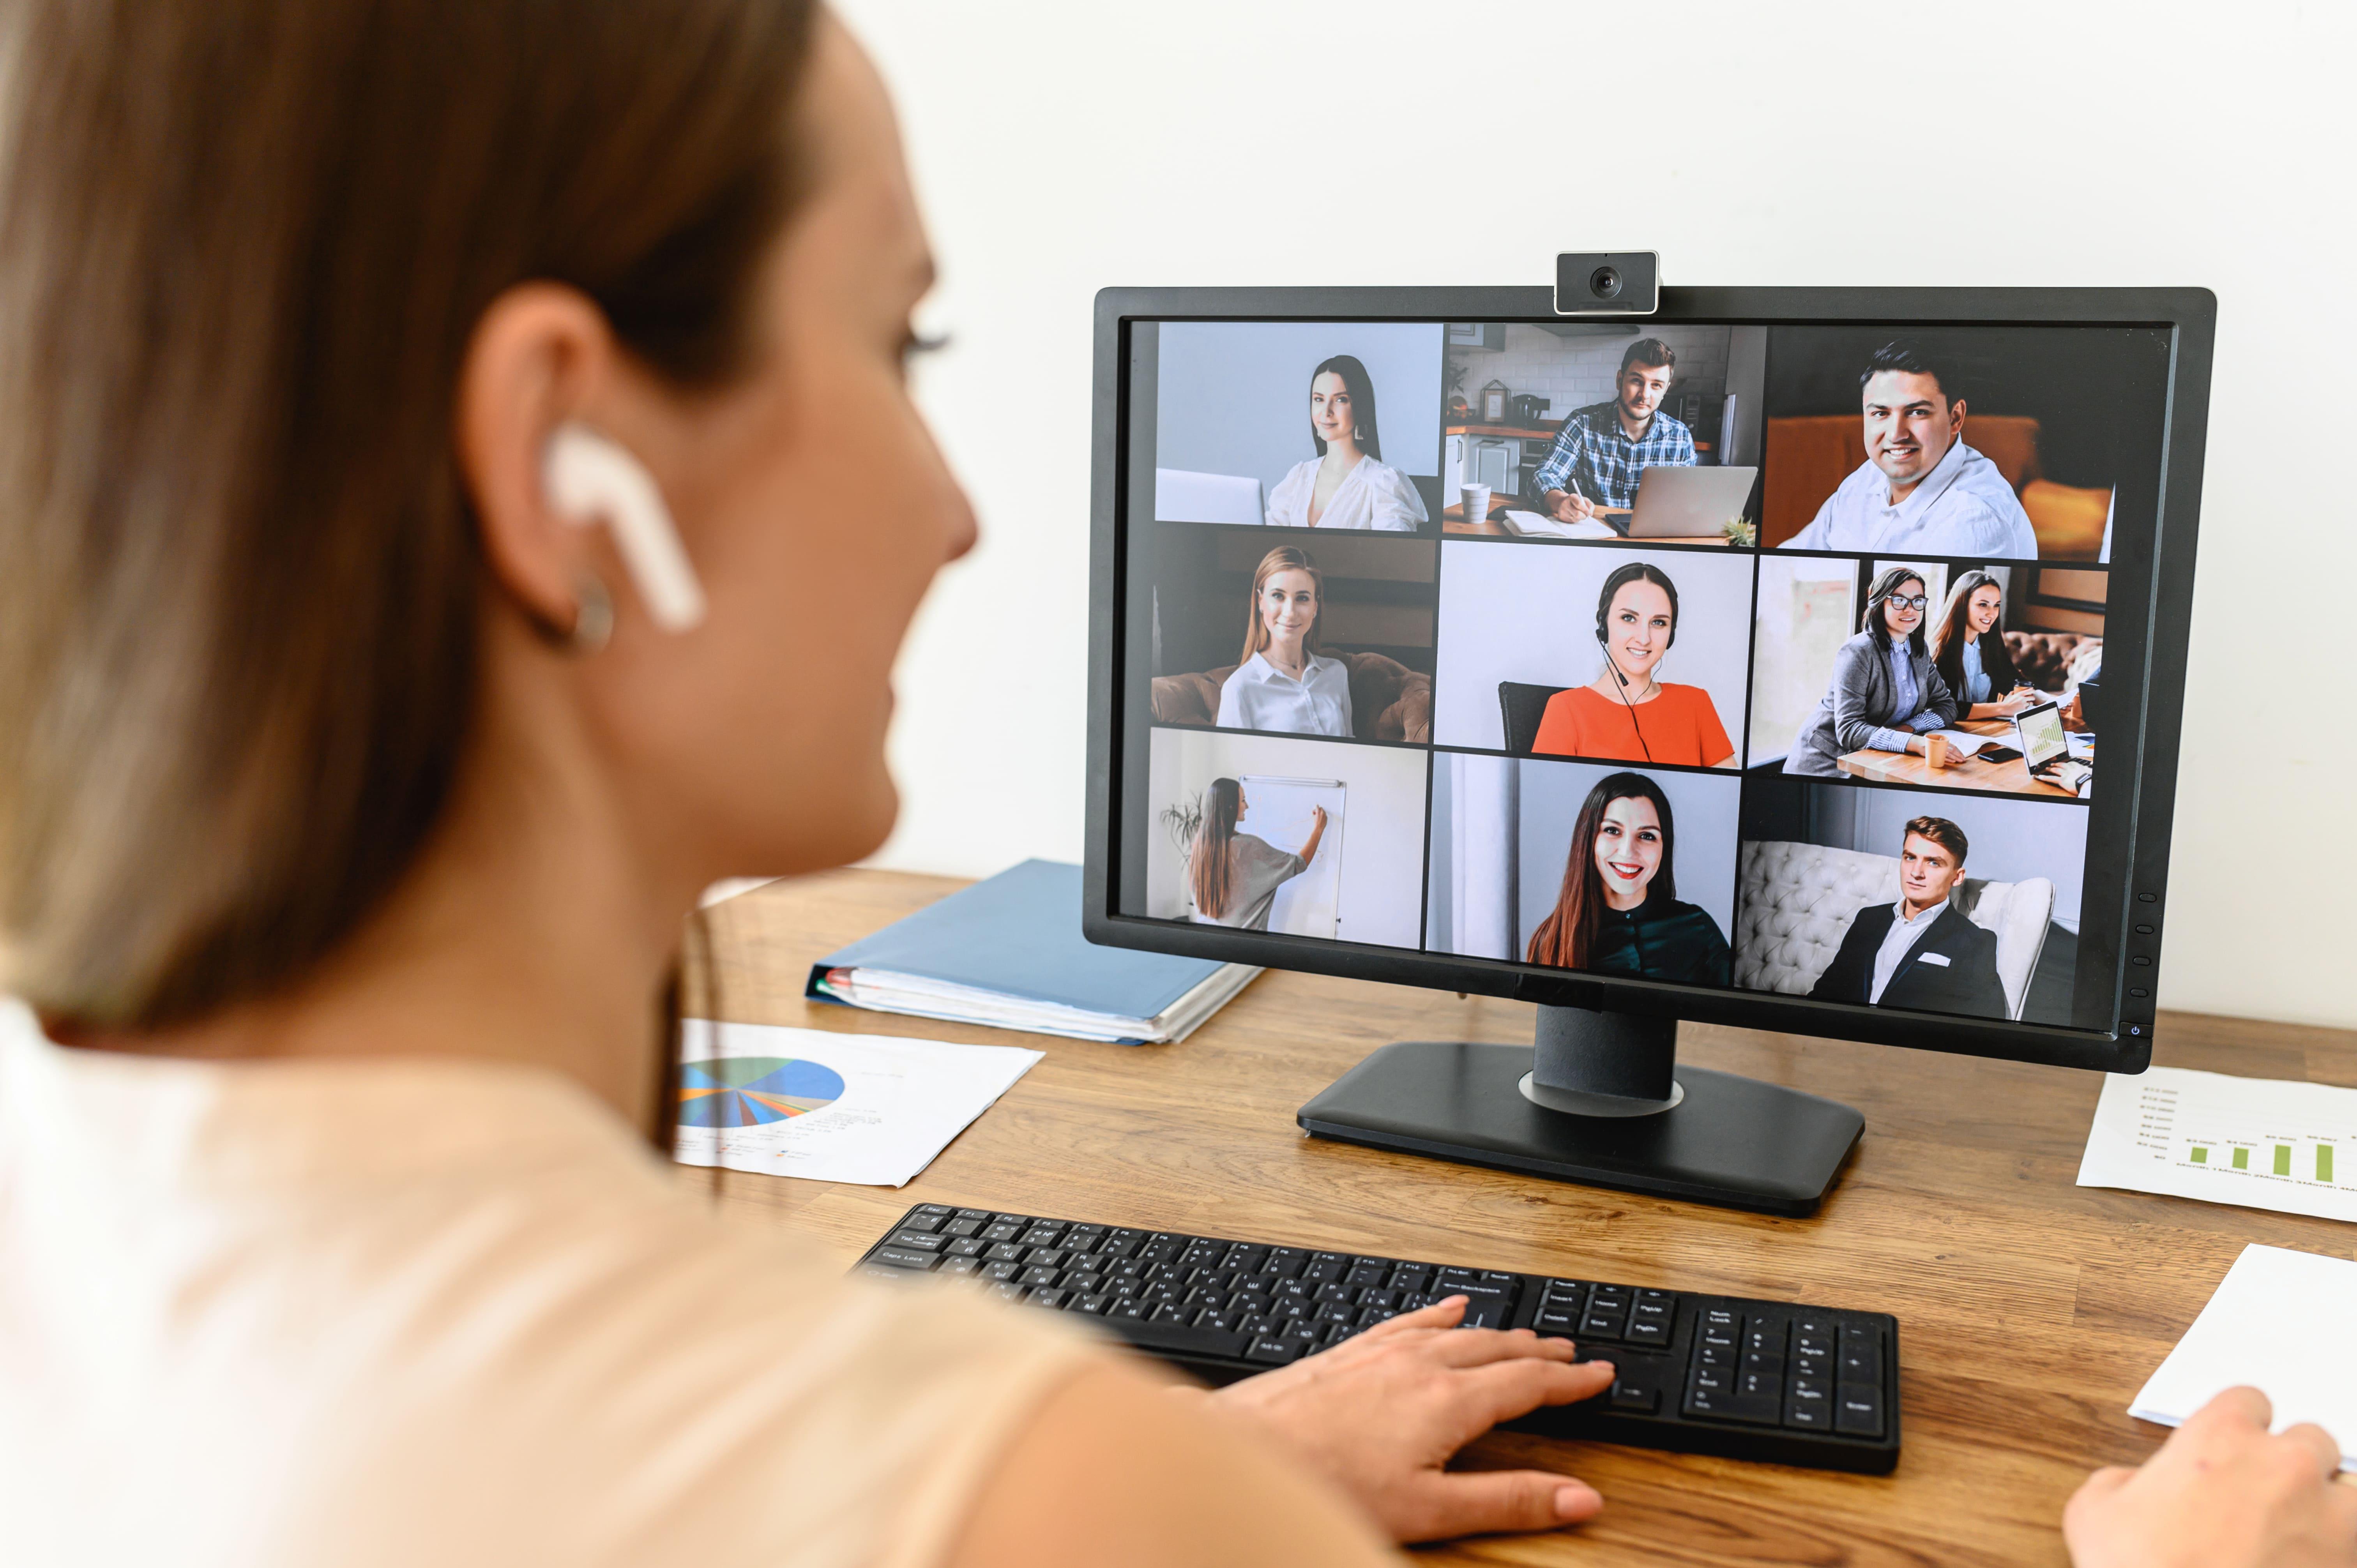 Comment communiquer efficacement à distance ?